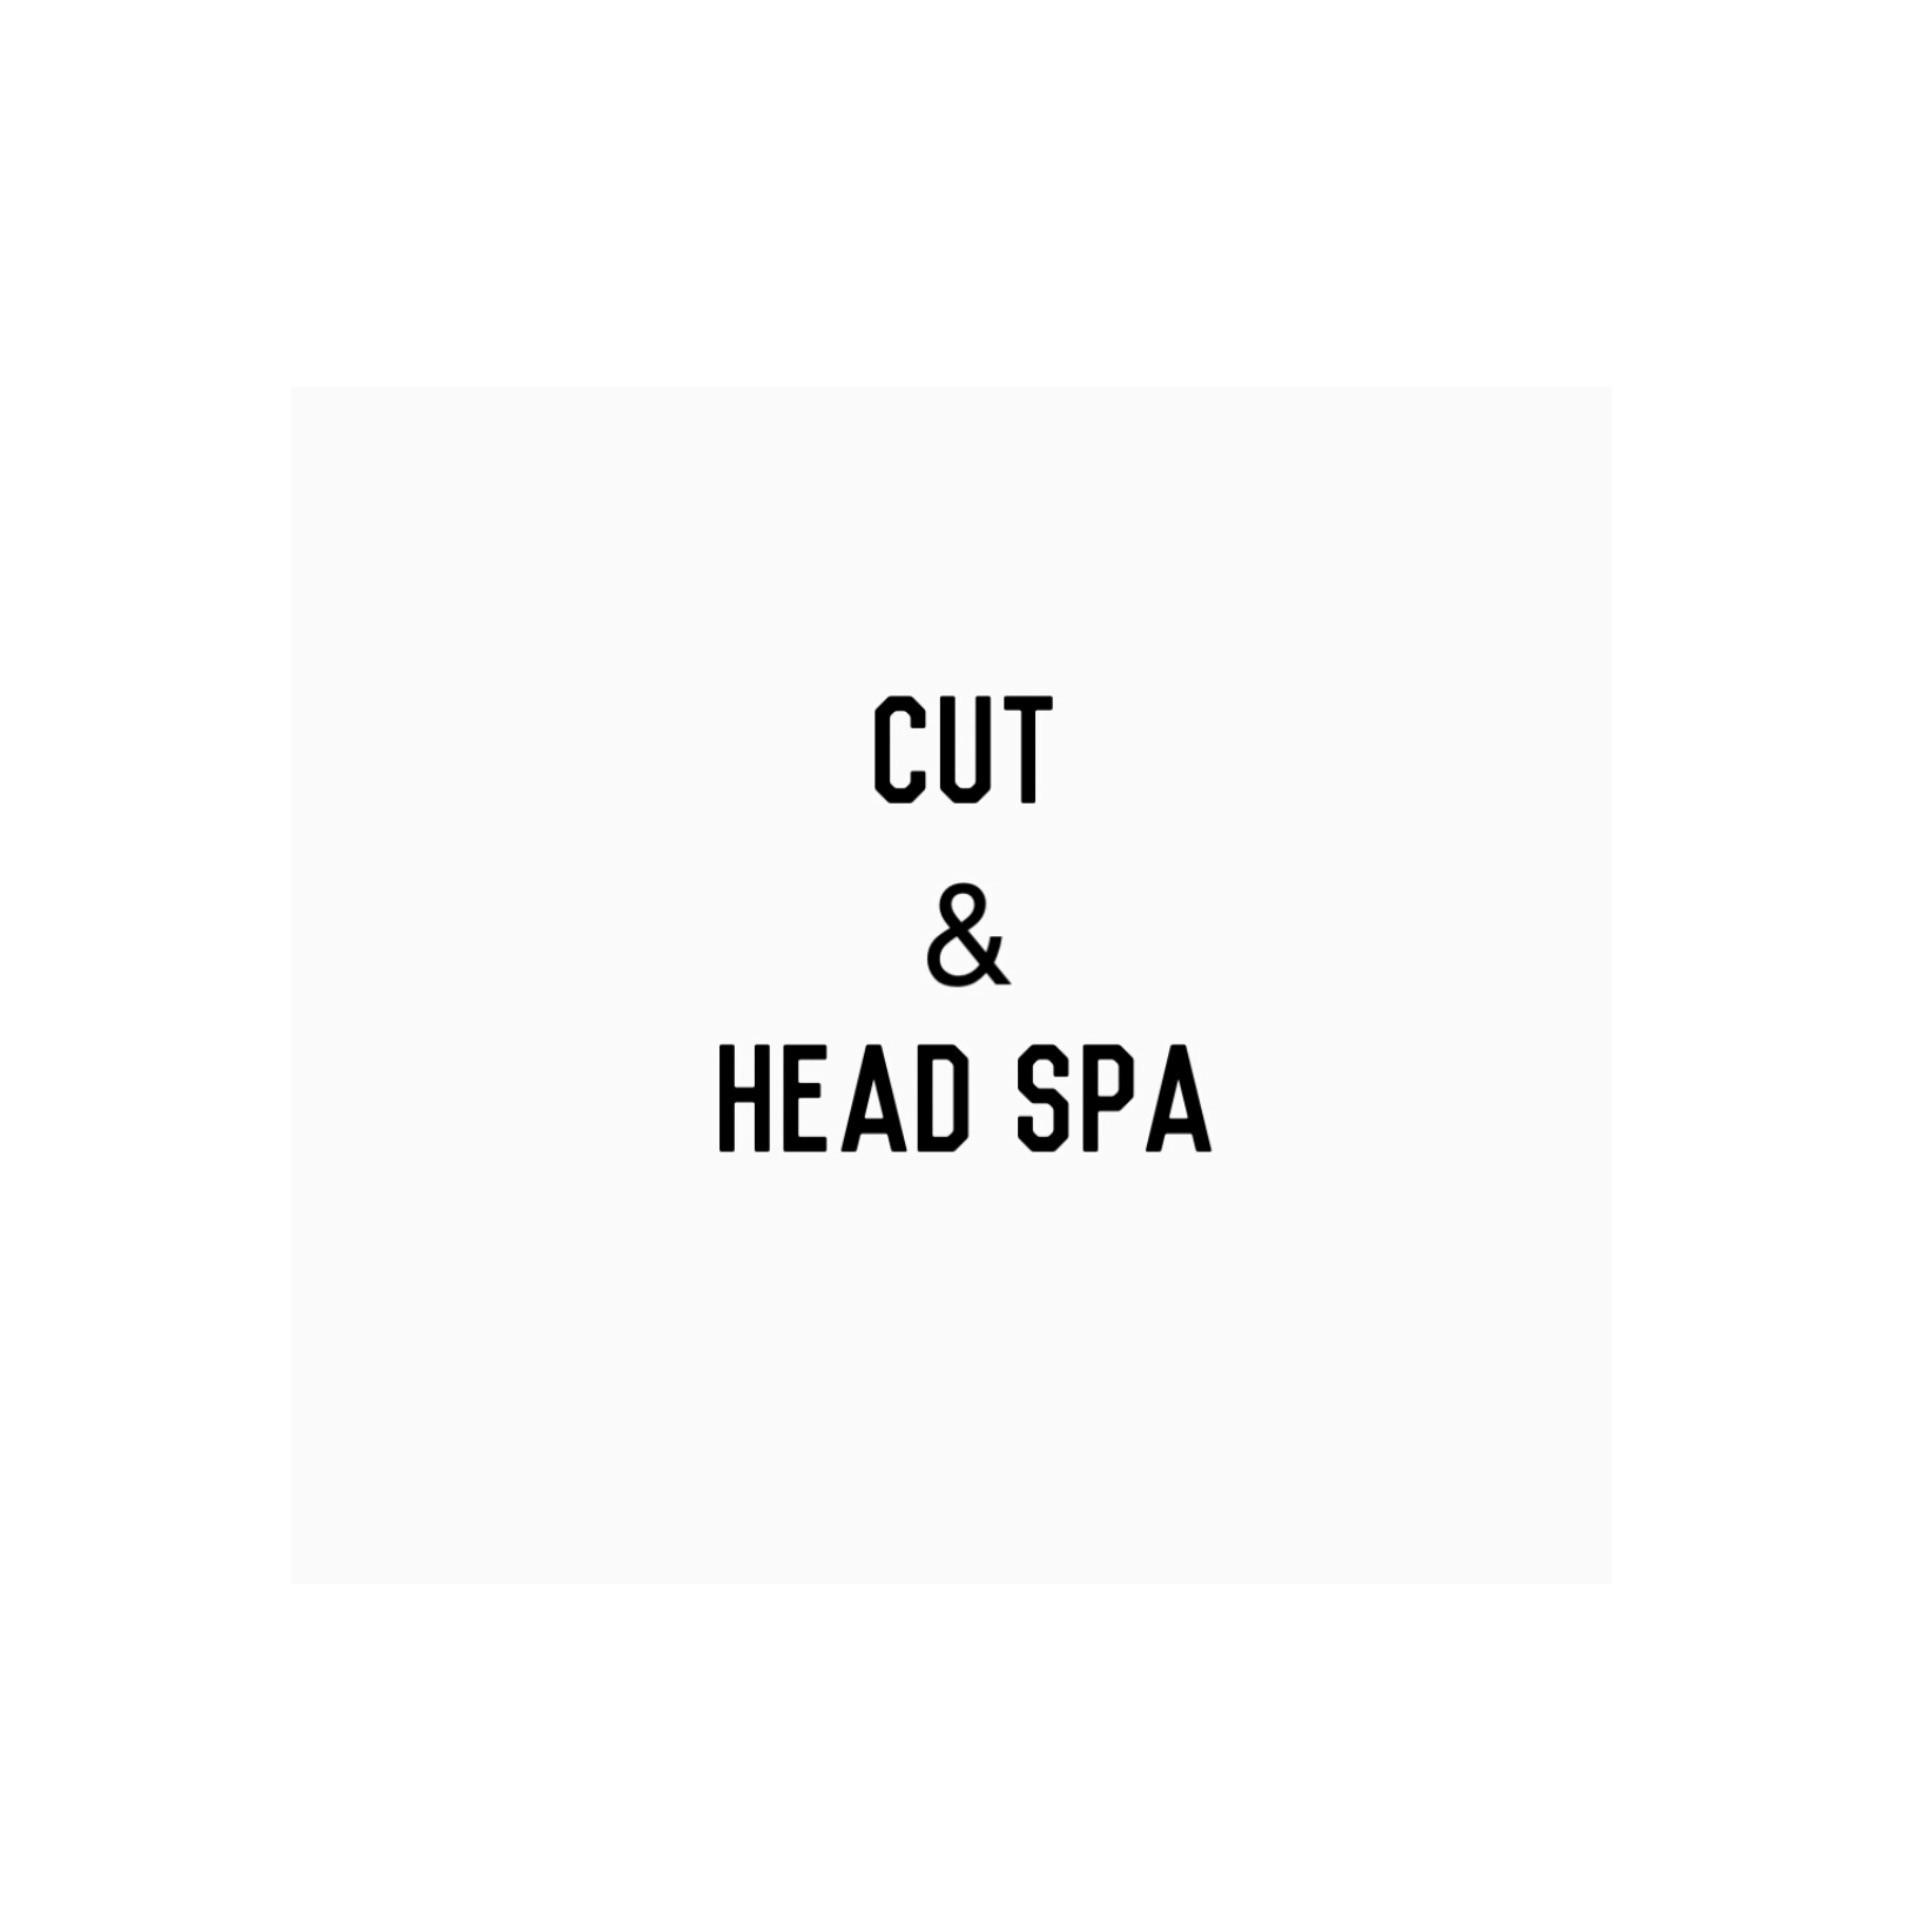 Cut & Head-Spa